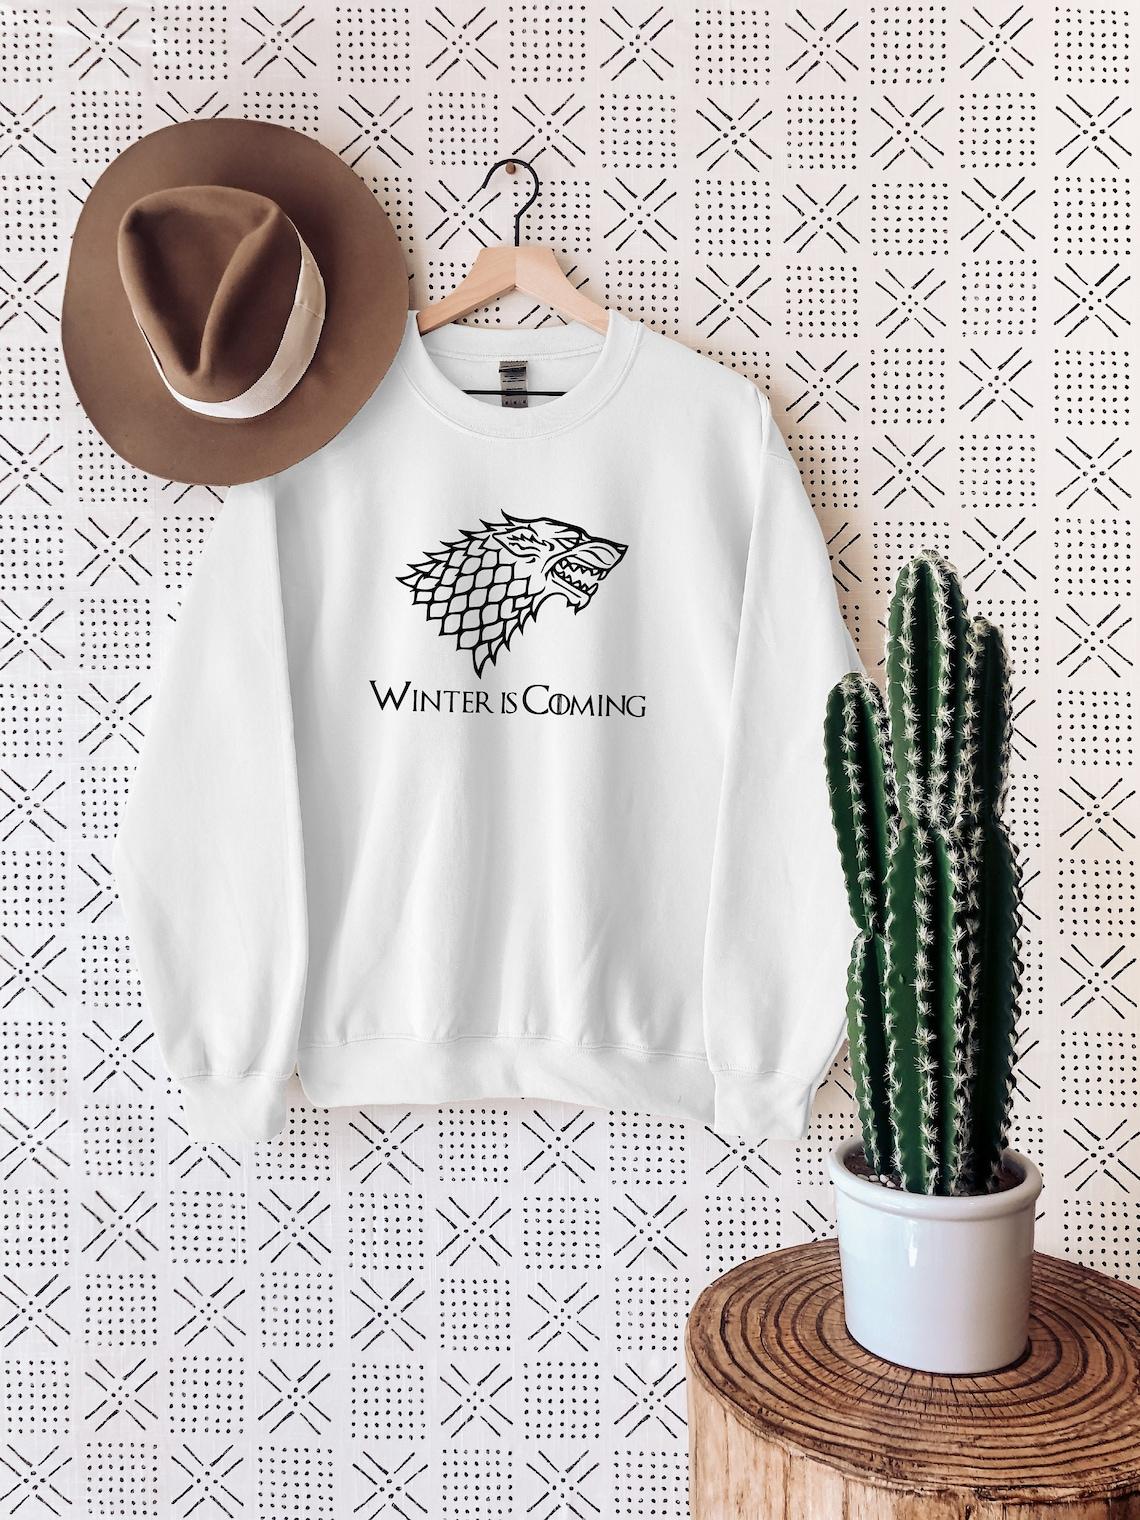 Winter is Coming - Unisex Sweatshirt